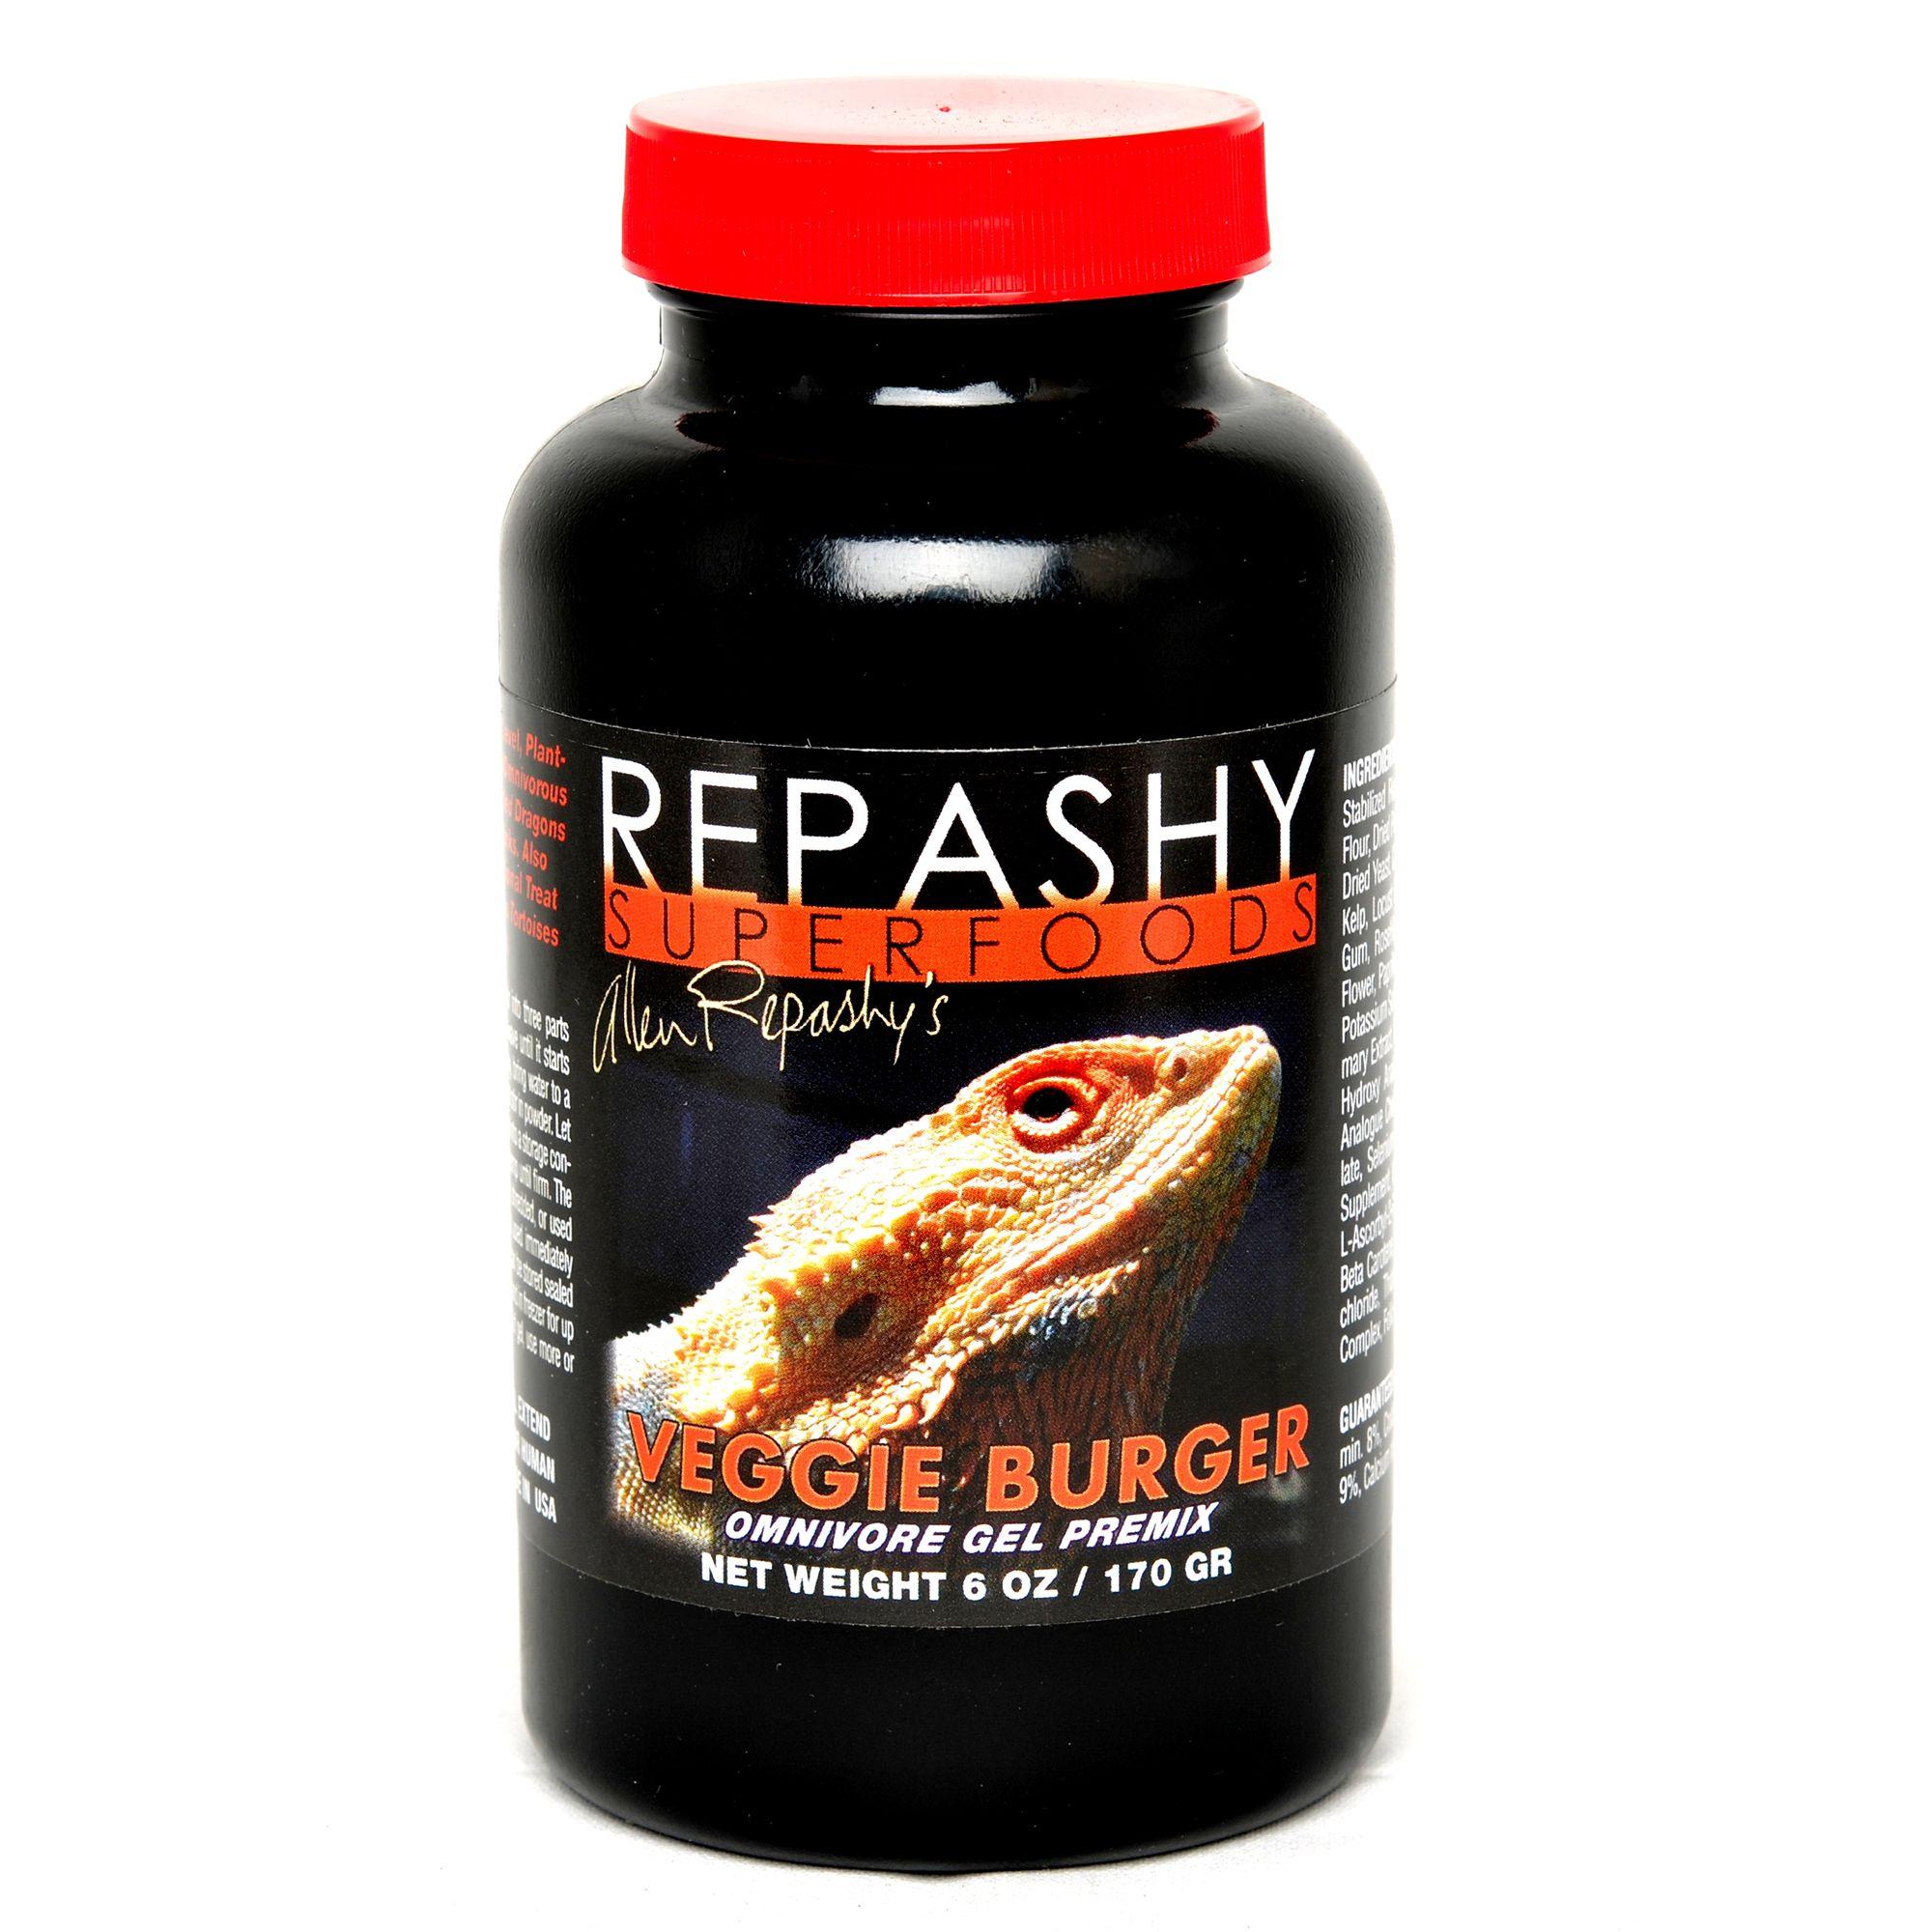 Repashy Veggie Burger